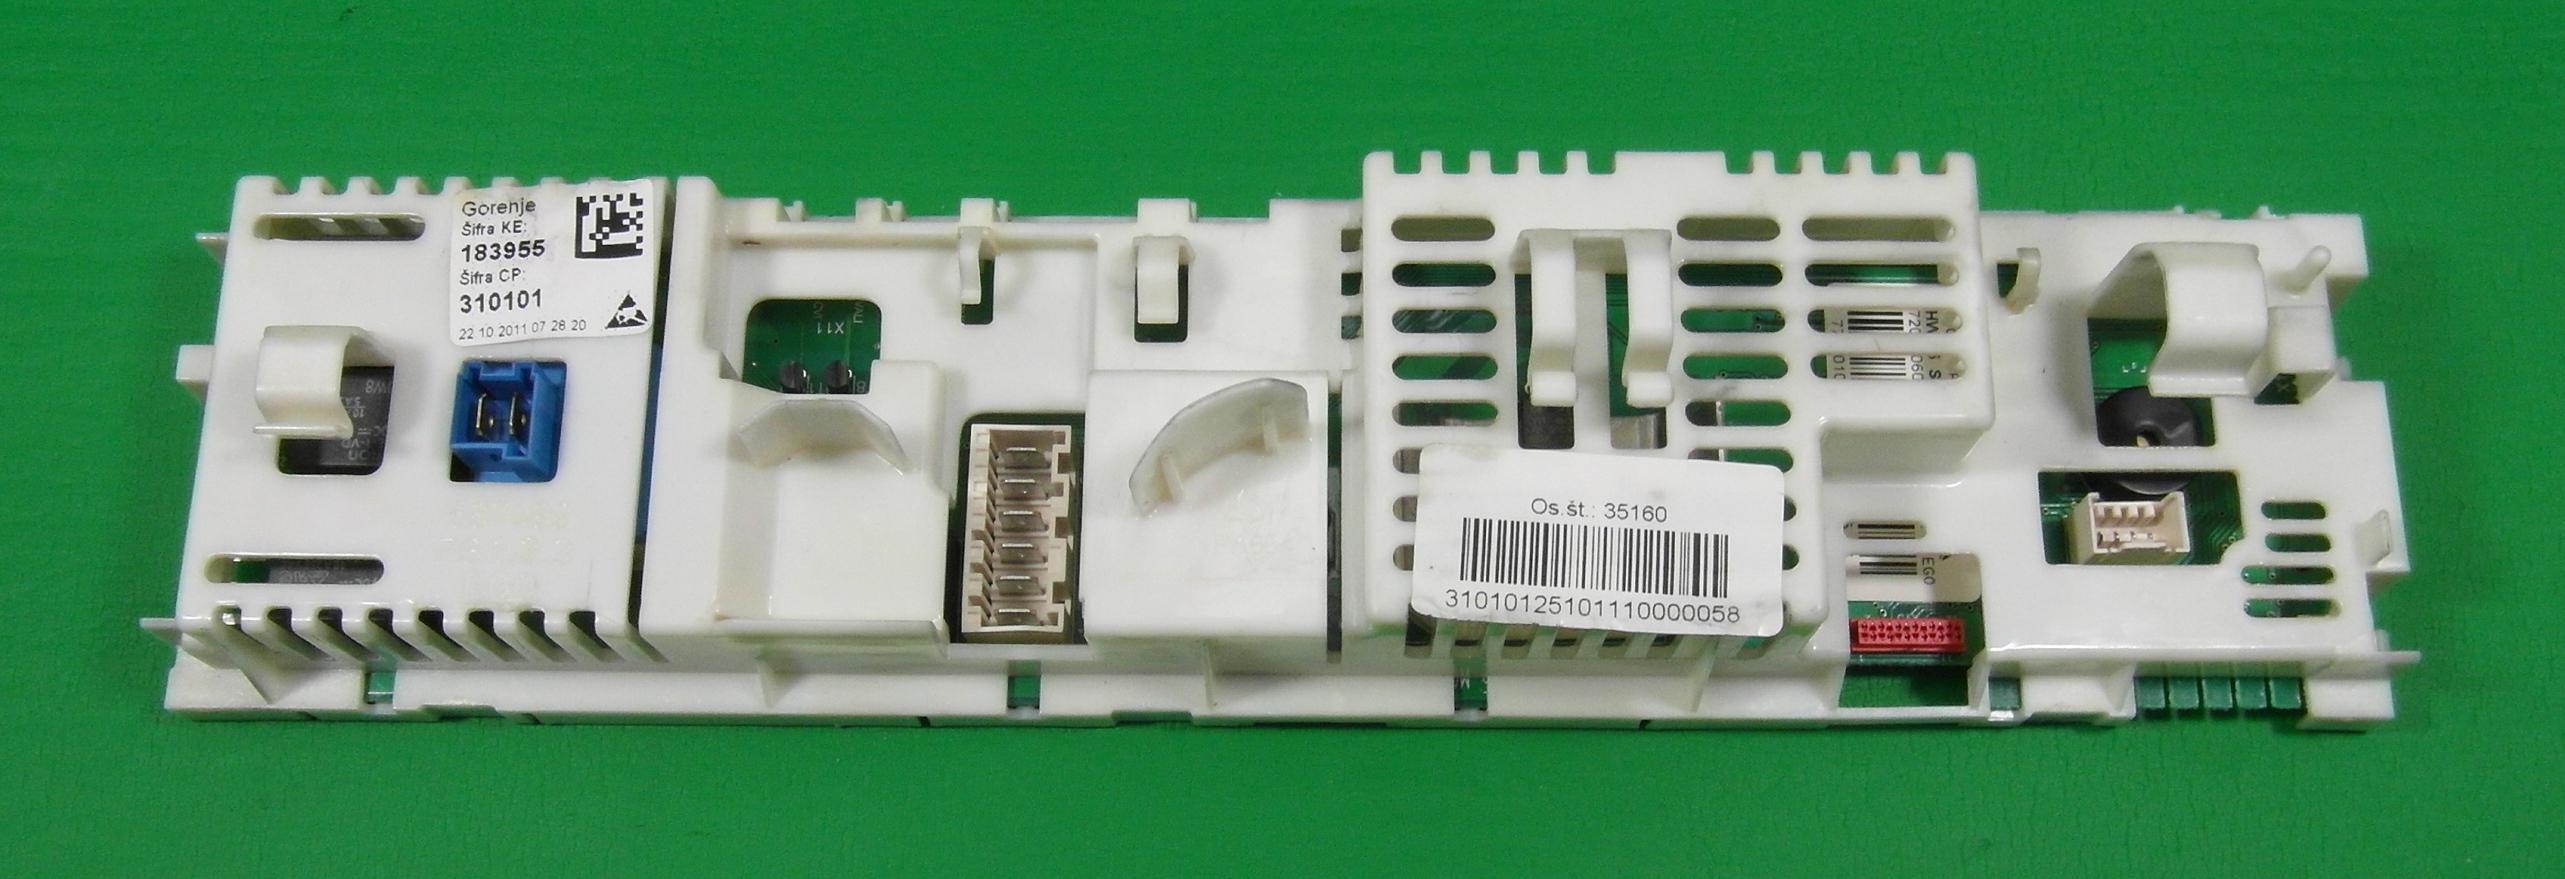 Fein Os Pcb Fotos - Schaltplan Serie Circuit Collection - tollot.info